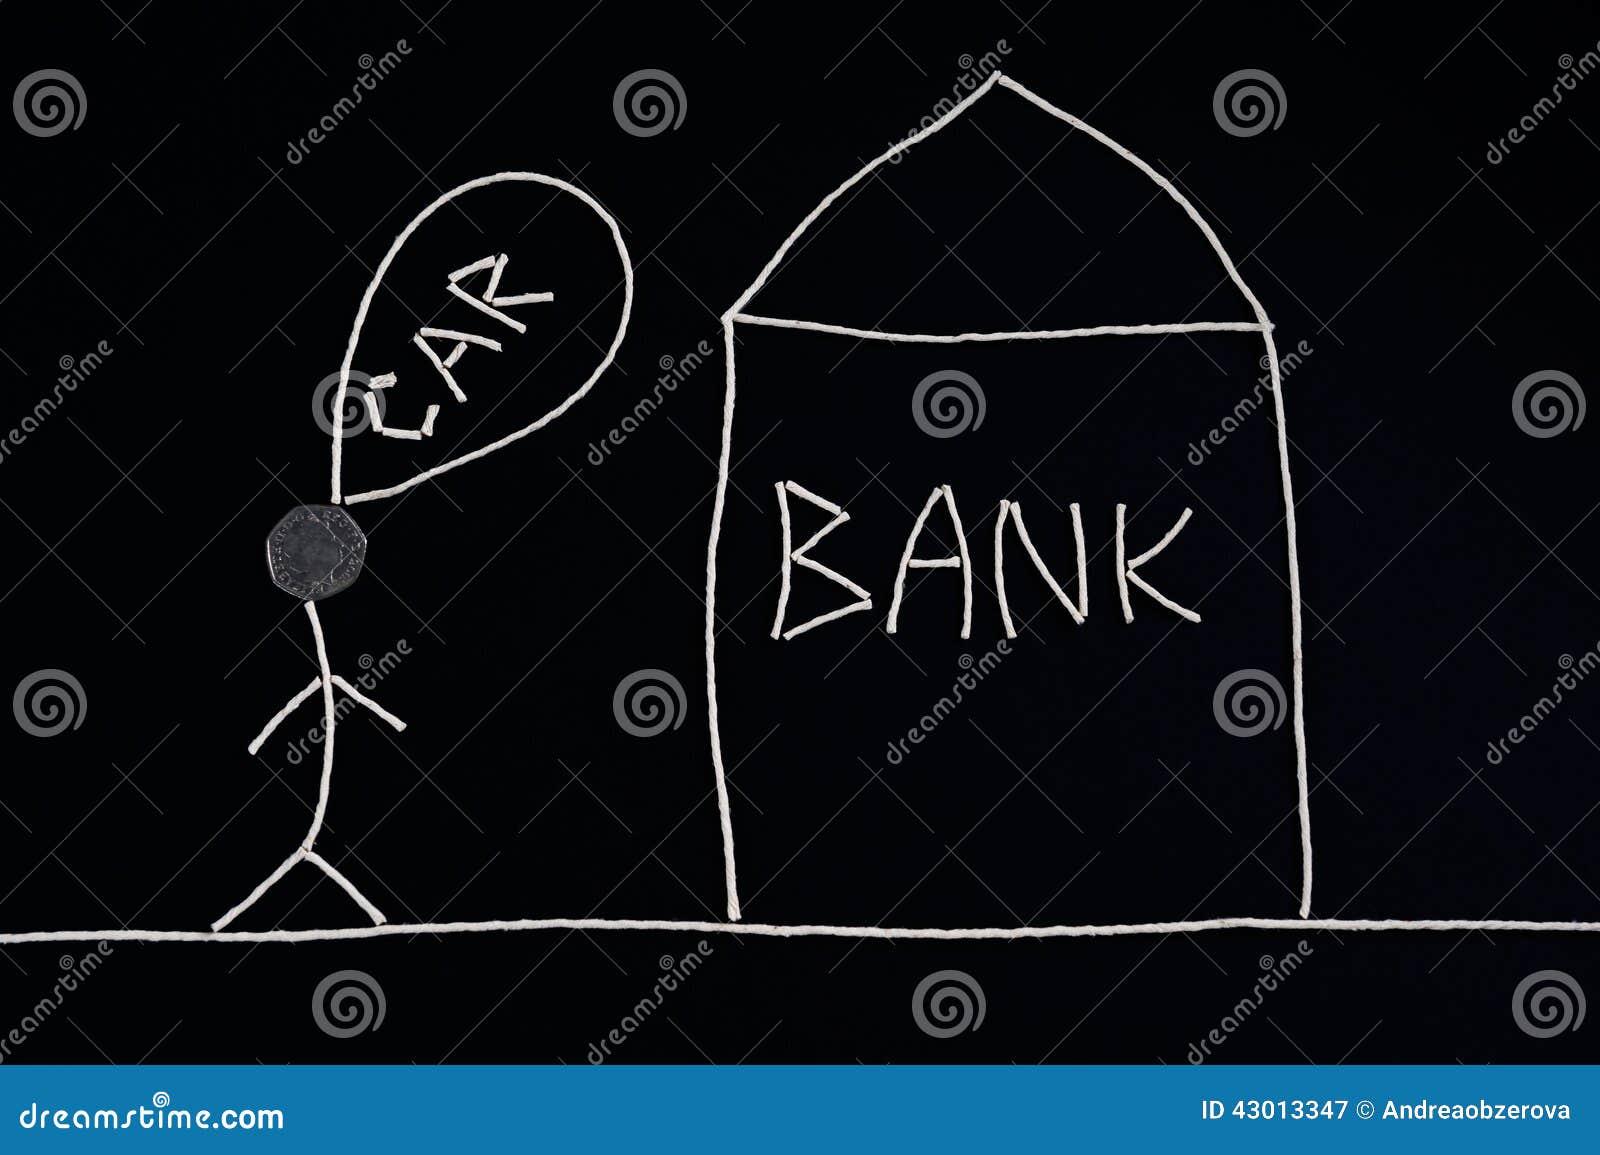 Equipaggi il ricerca dell aiuto finanziario da una banca per acquistare una nuova automobile, concetto dei soldi, insolito